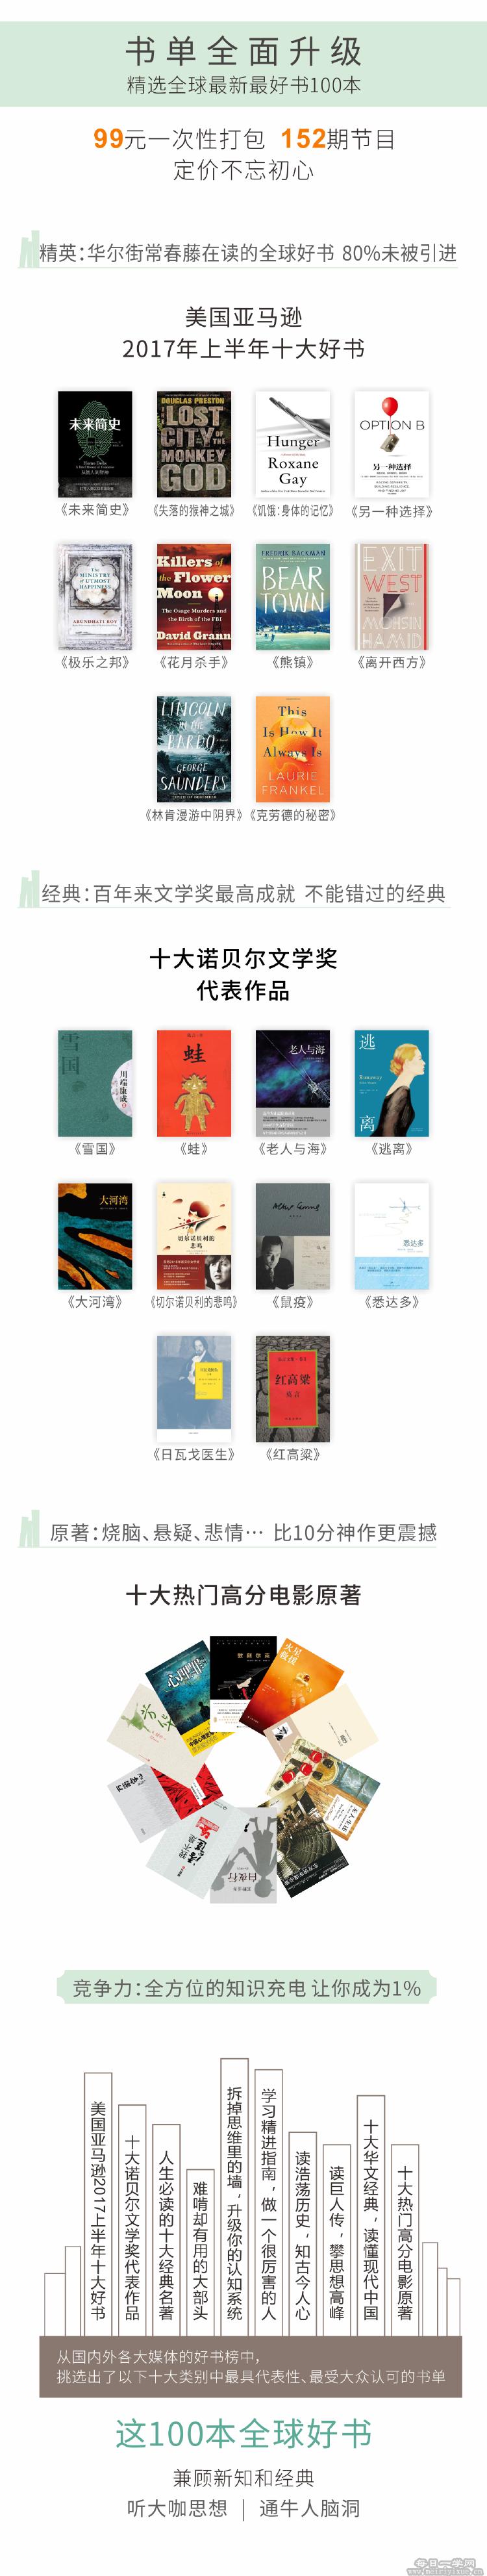 全球好书100本解读音频,第一季第二季资源下载